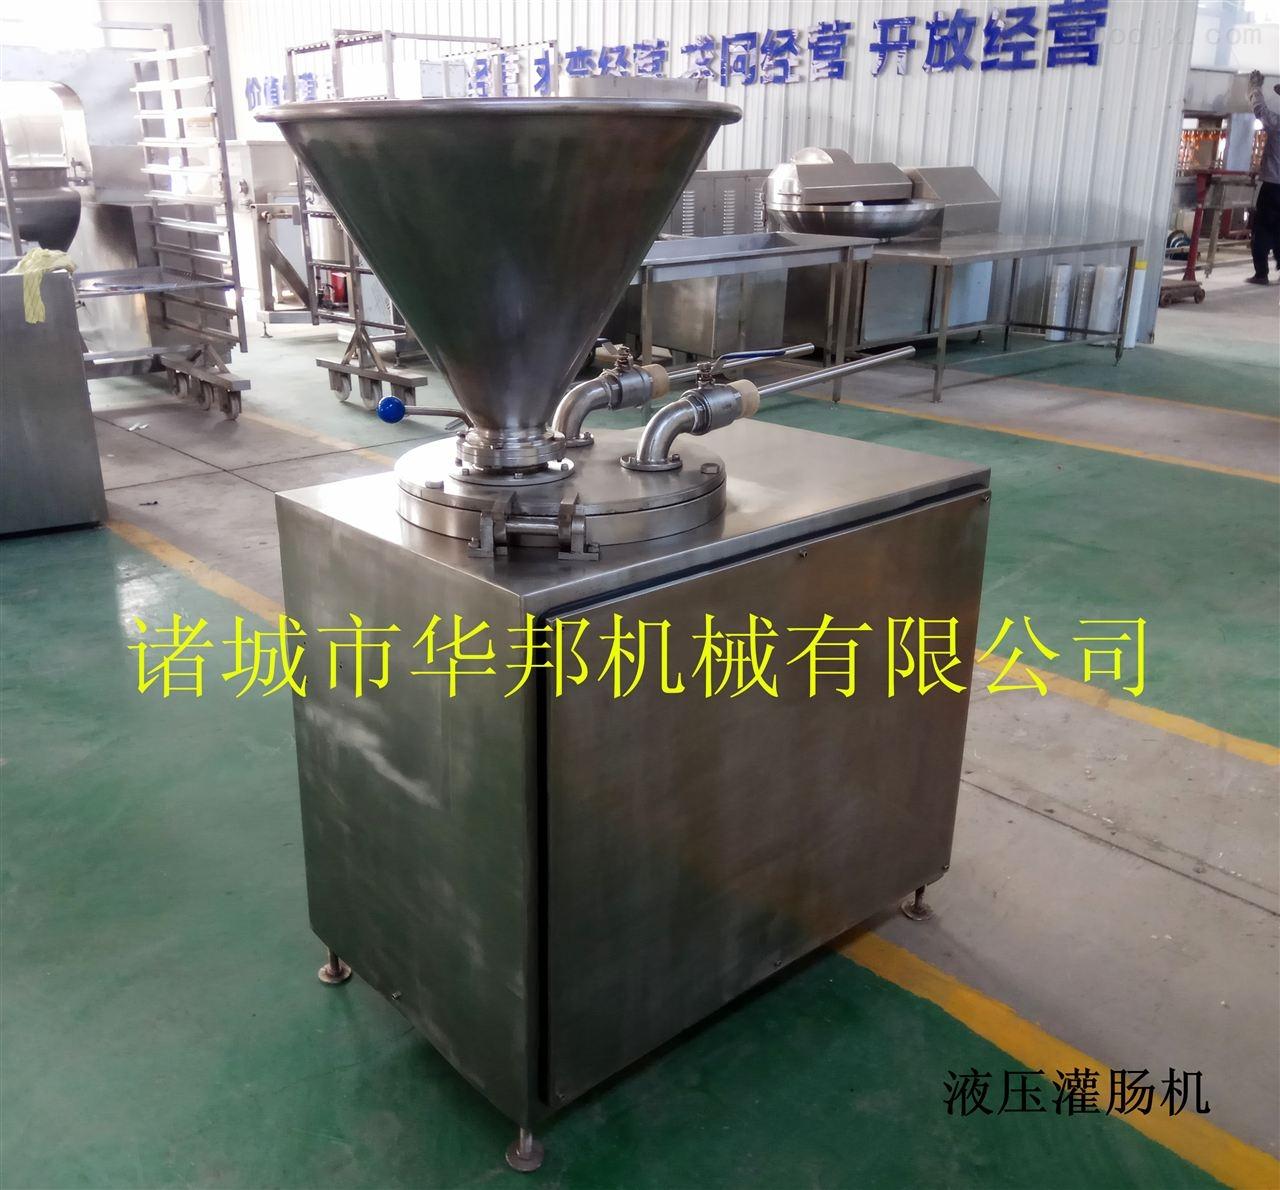 【华邦】30型双管灌肠机 全自动液压灌肠机